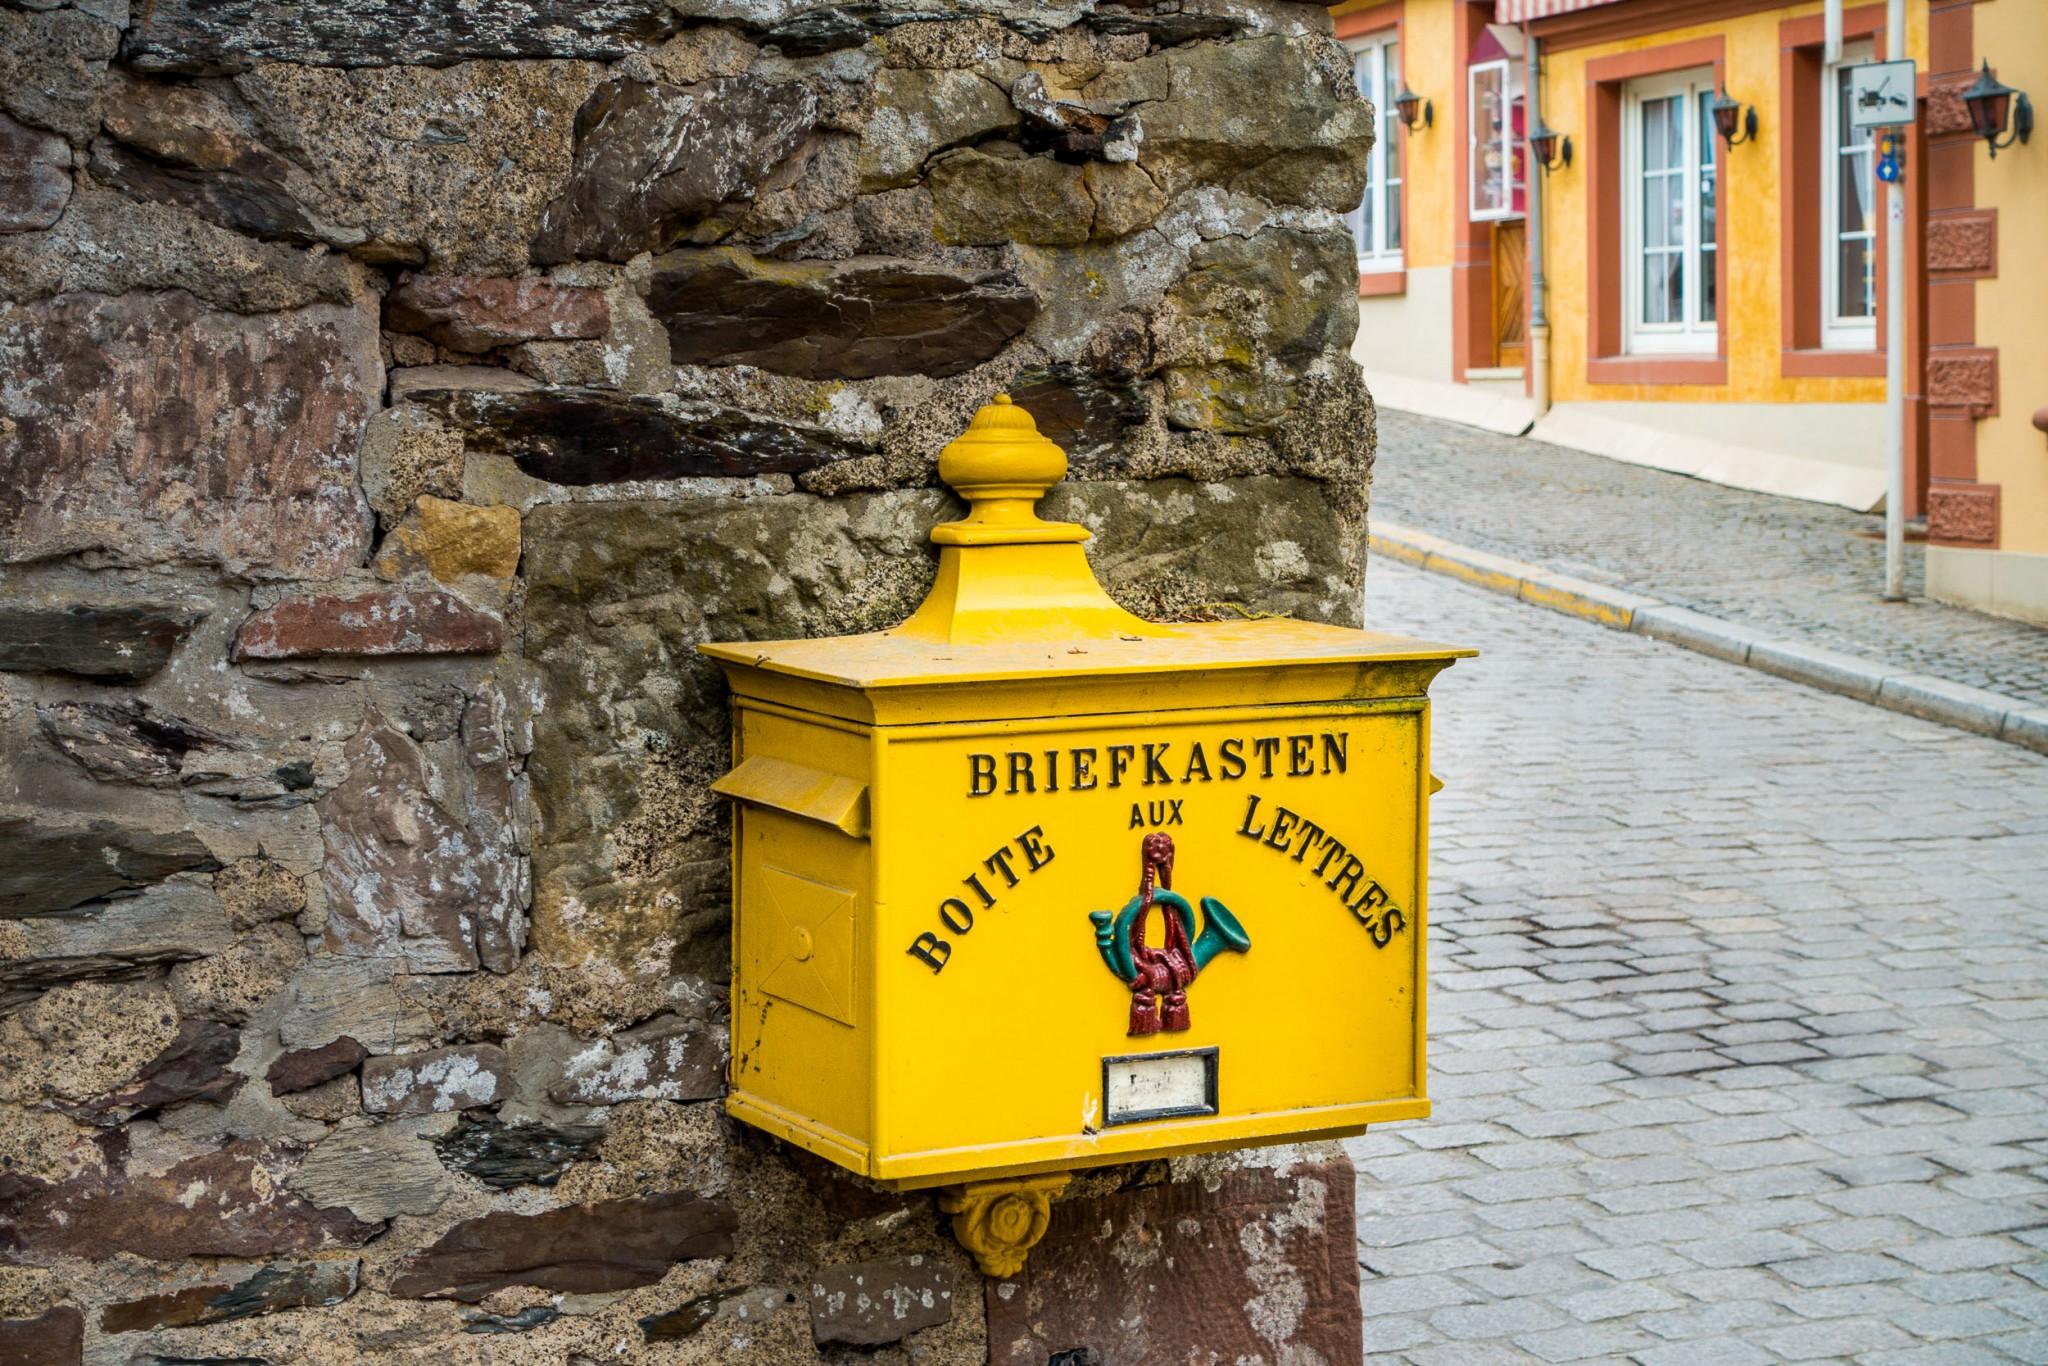 Ein Briefkasten aus einer längst vergessen Welt